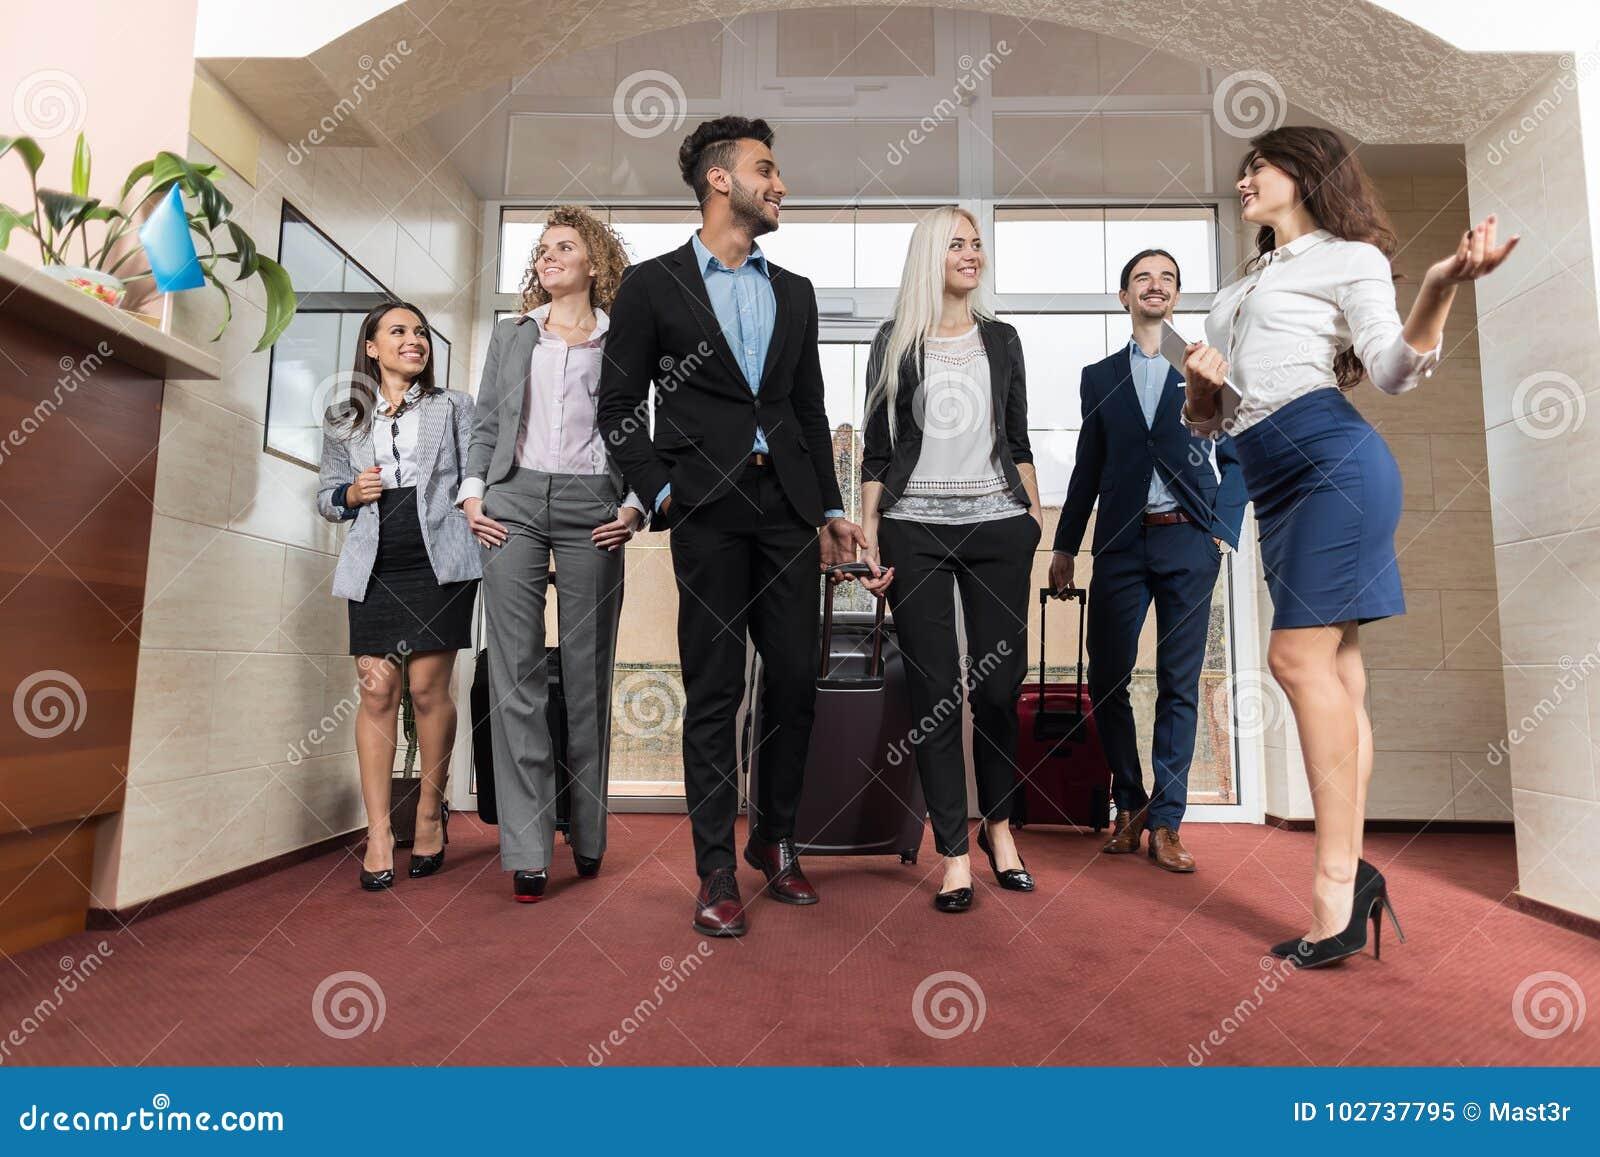 Grupo de Meeting Business People del recepcionista del hotel en pasillo